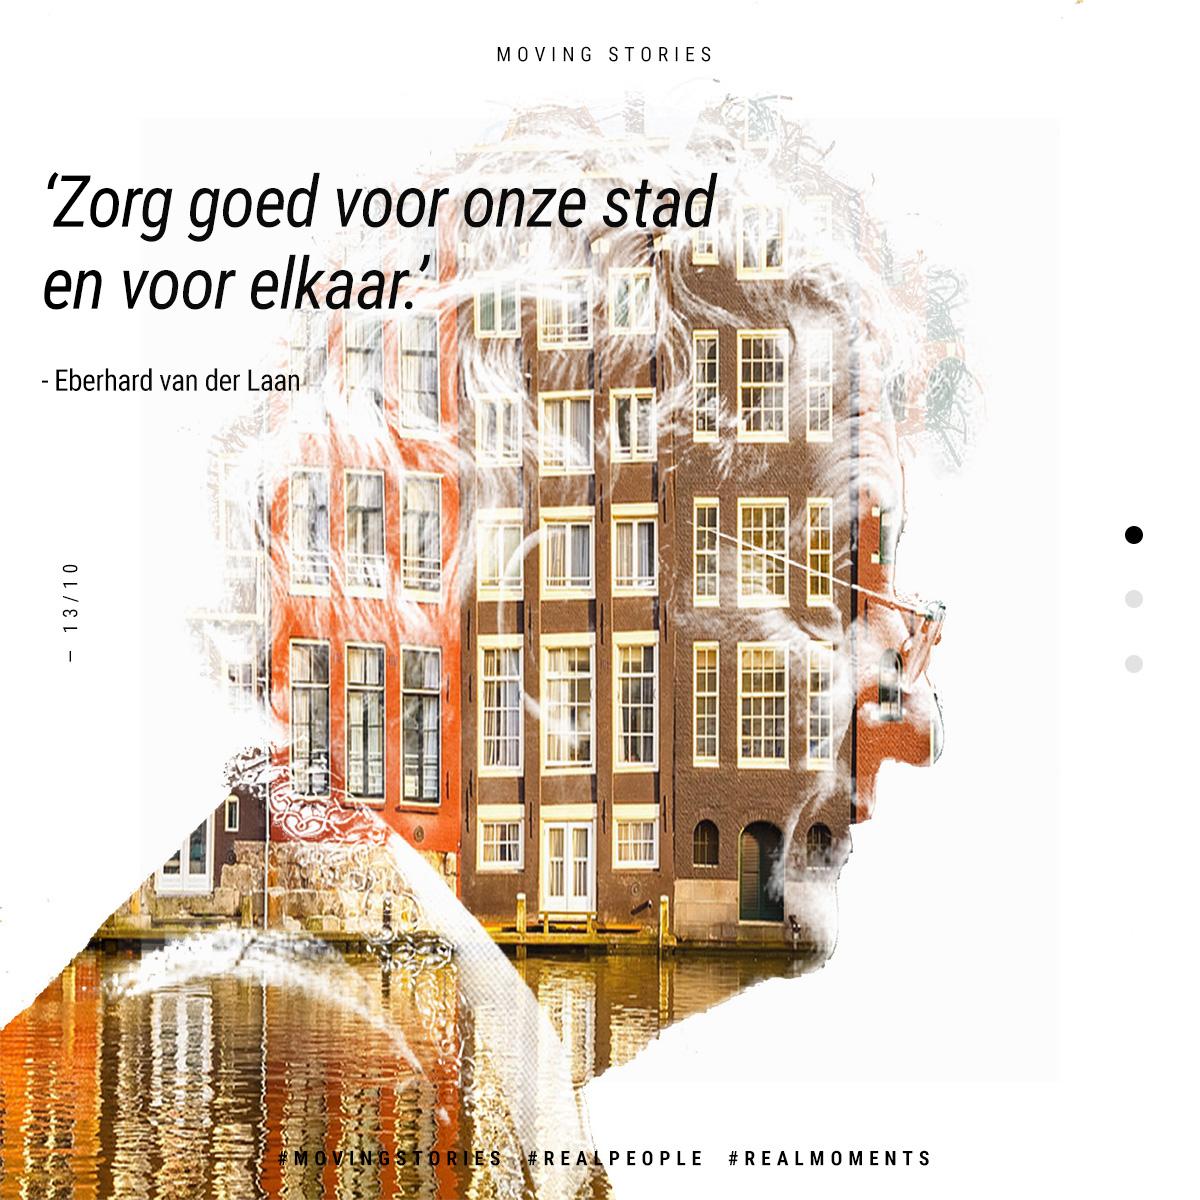 Moving Story - Eberhard van der Laan